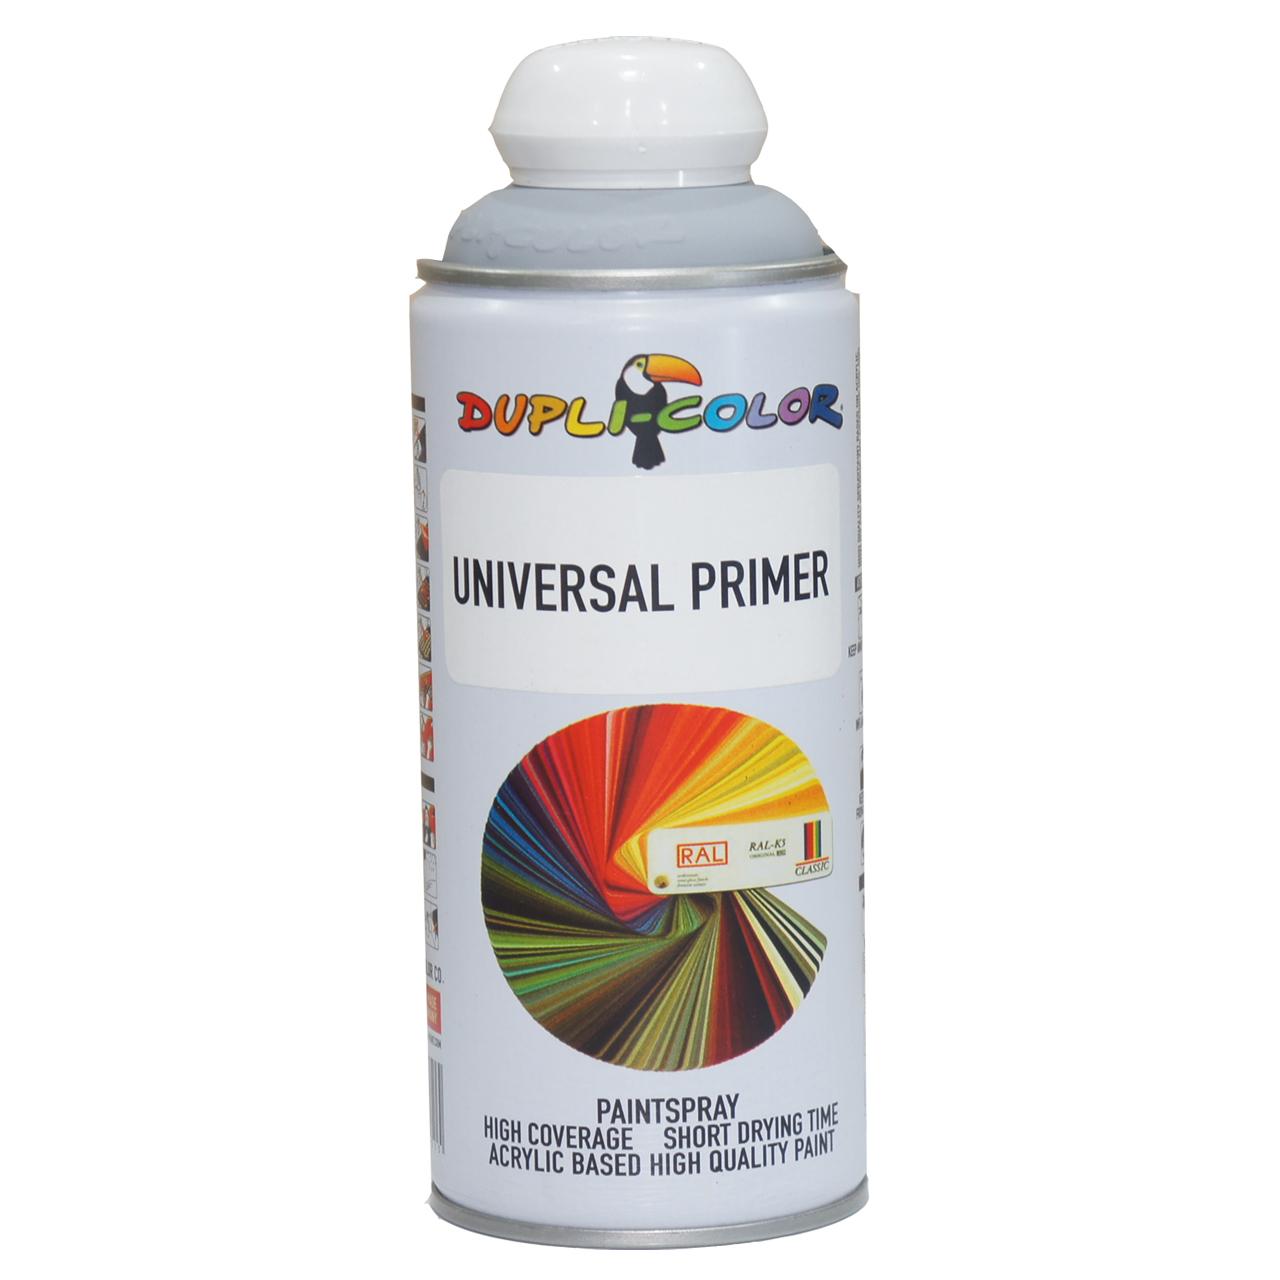 اسپری پرایمر همه کاره دوپلی کالر مدل Universal Primer